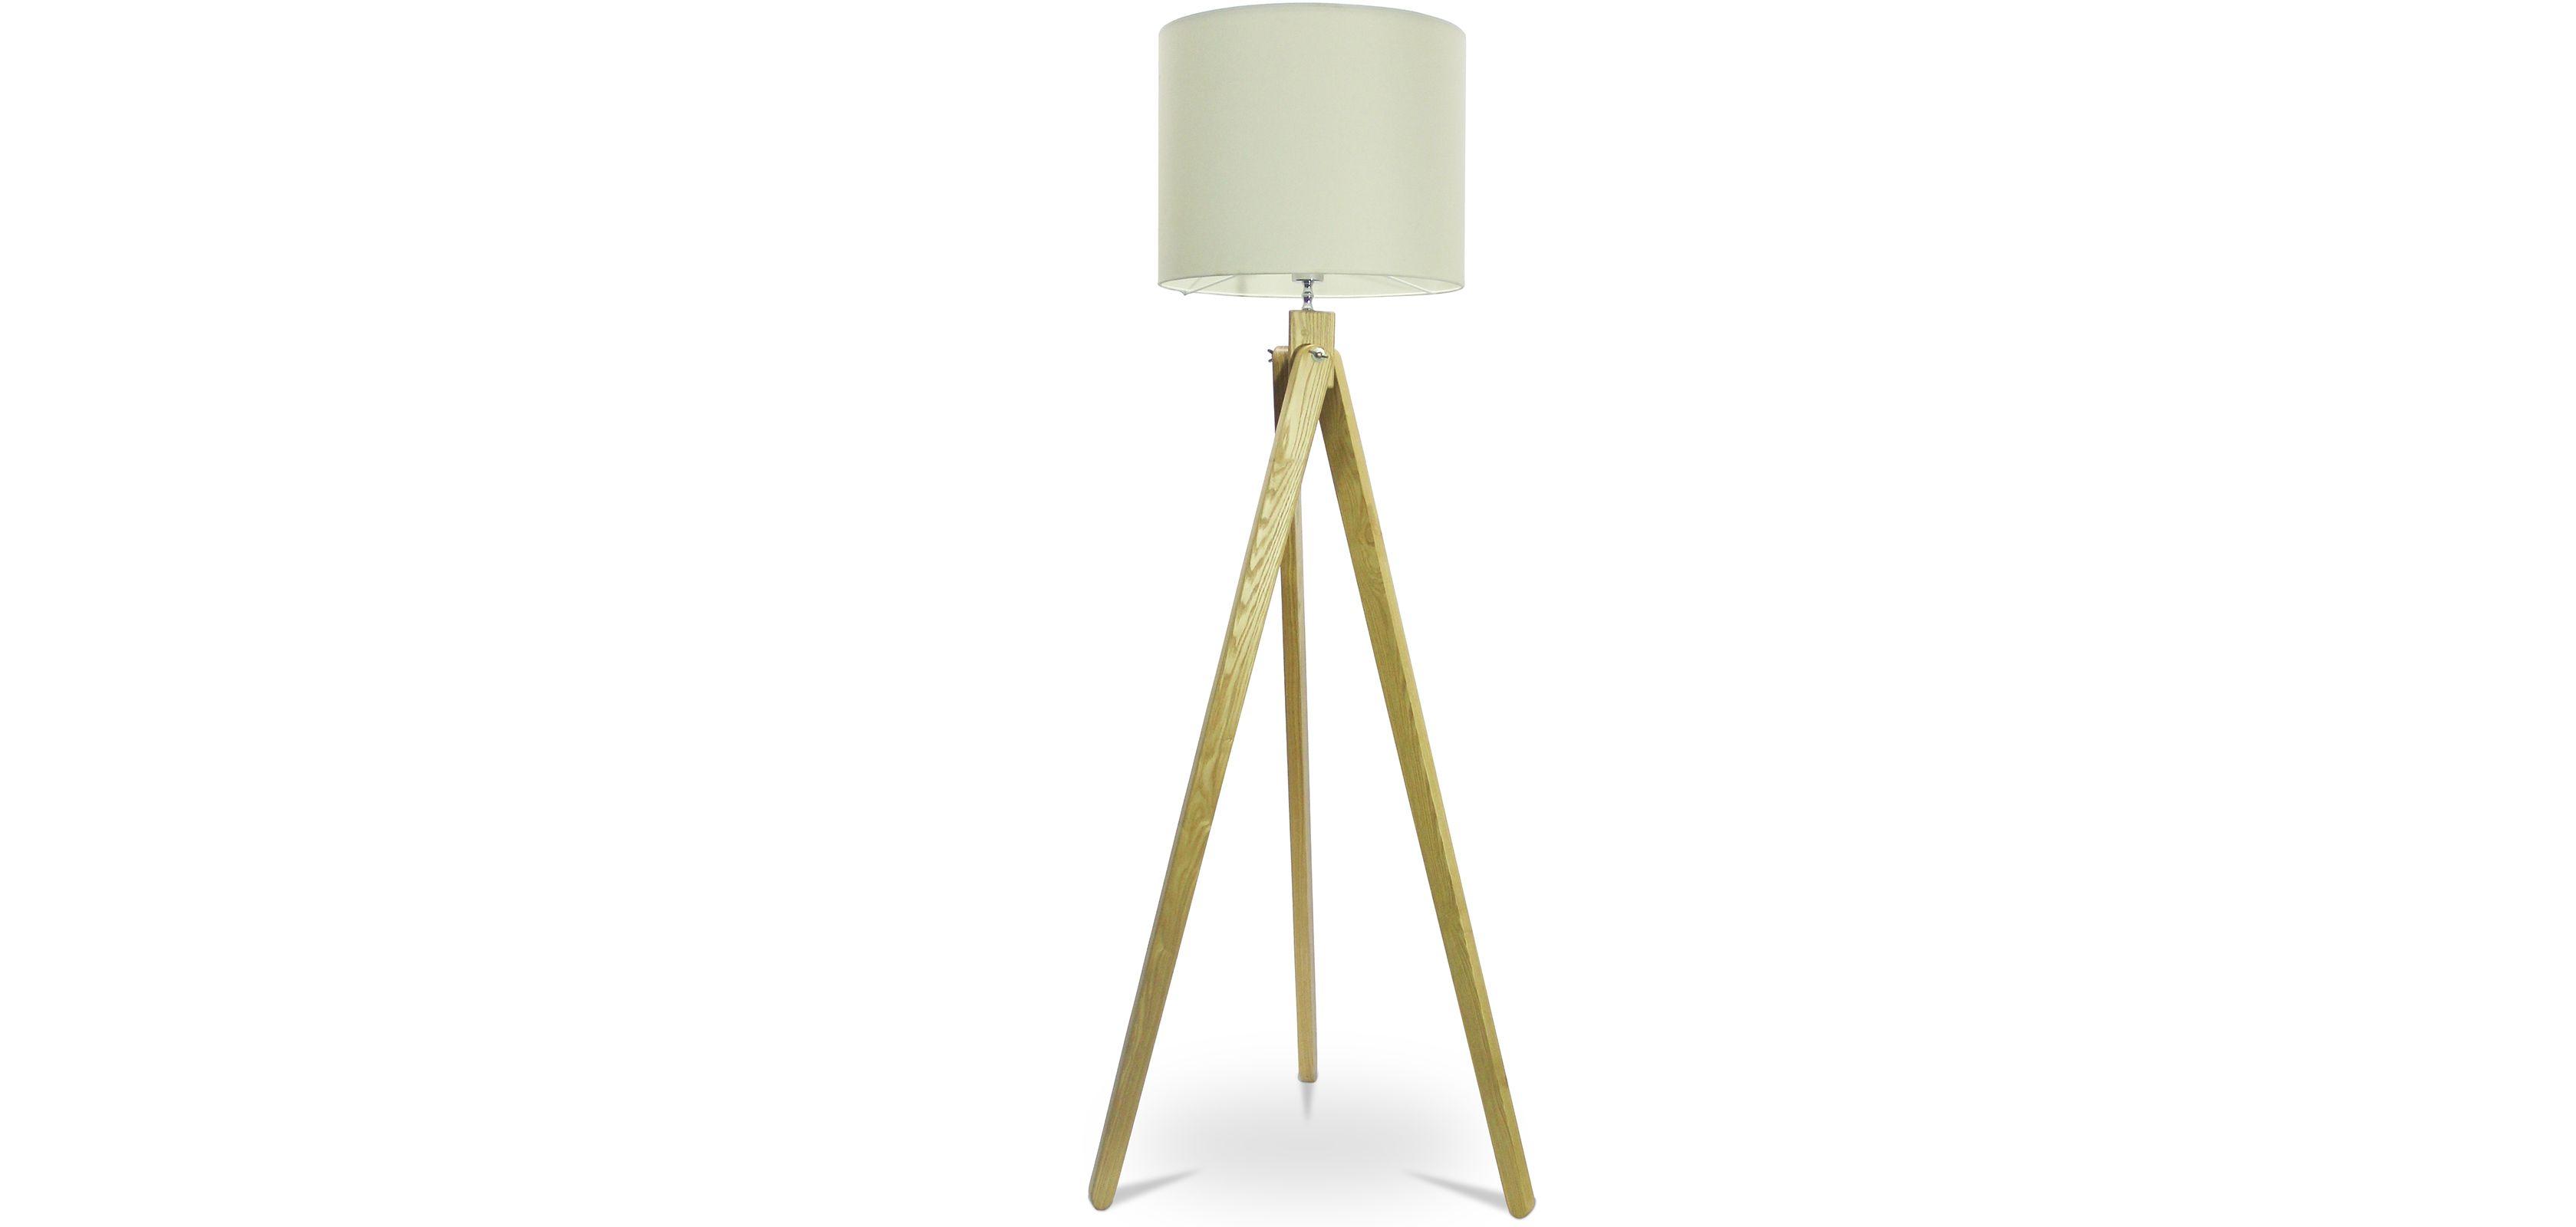 Lampadaire trpied style nordique bois home pinterest lampadaire trpied style nordique bois aloadofball Images